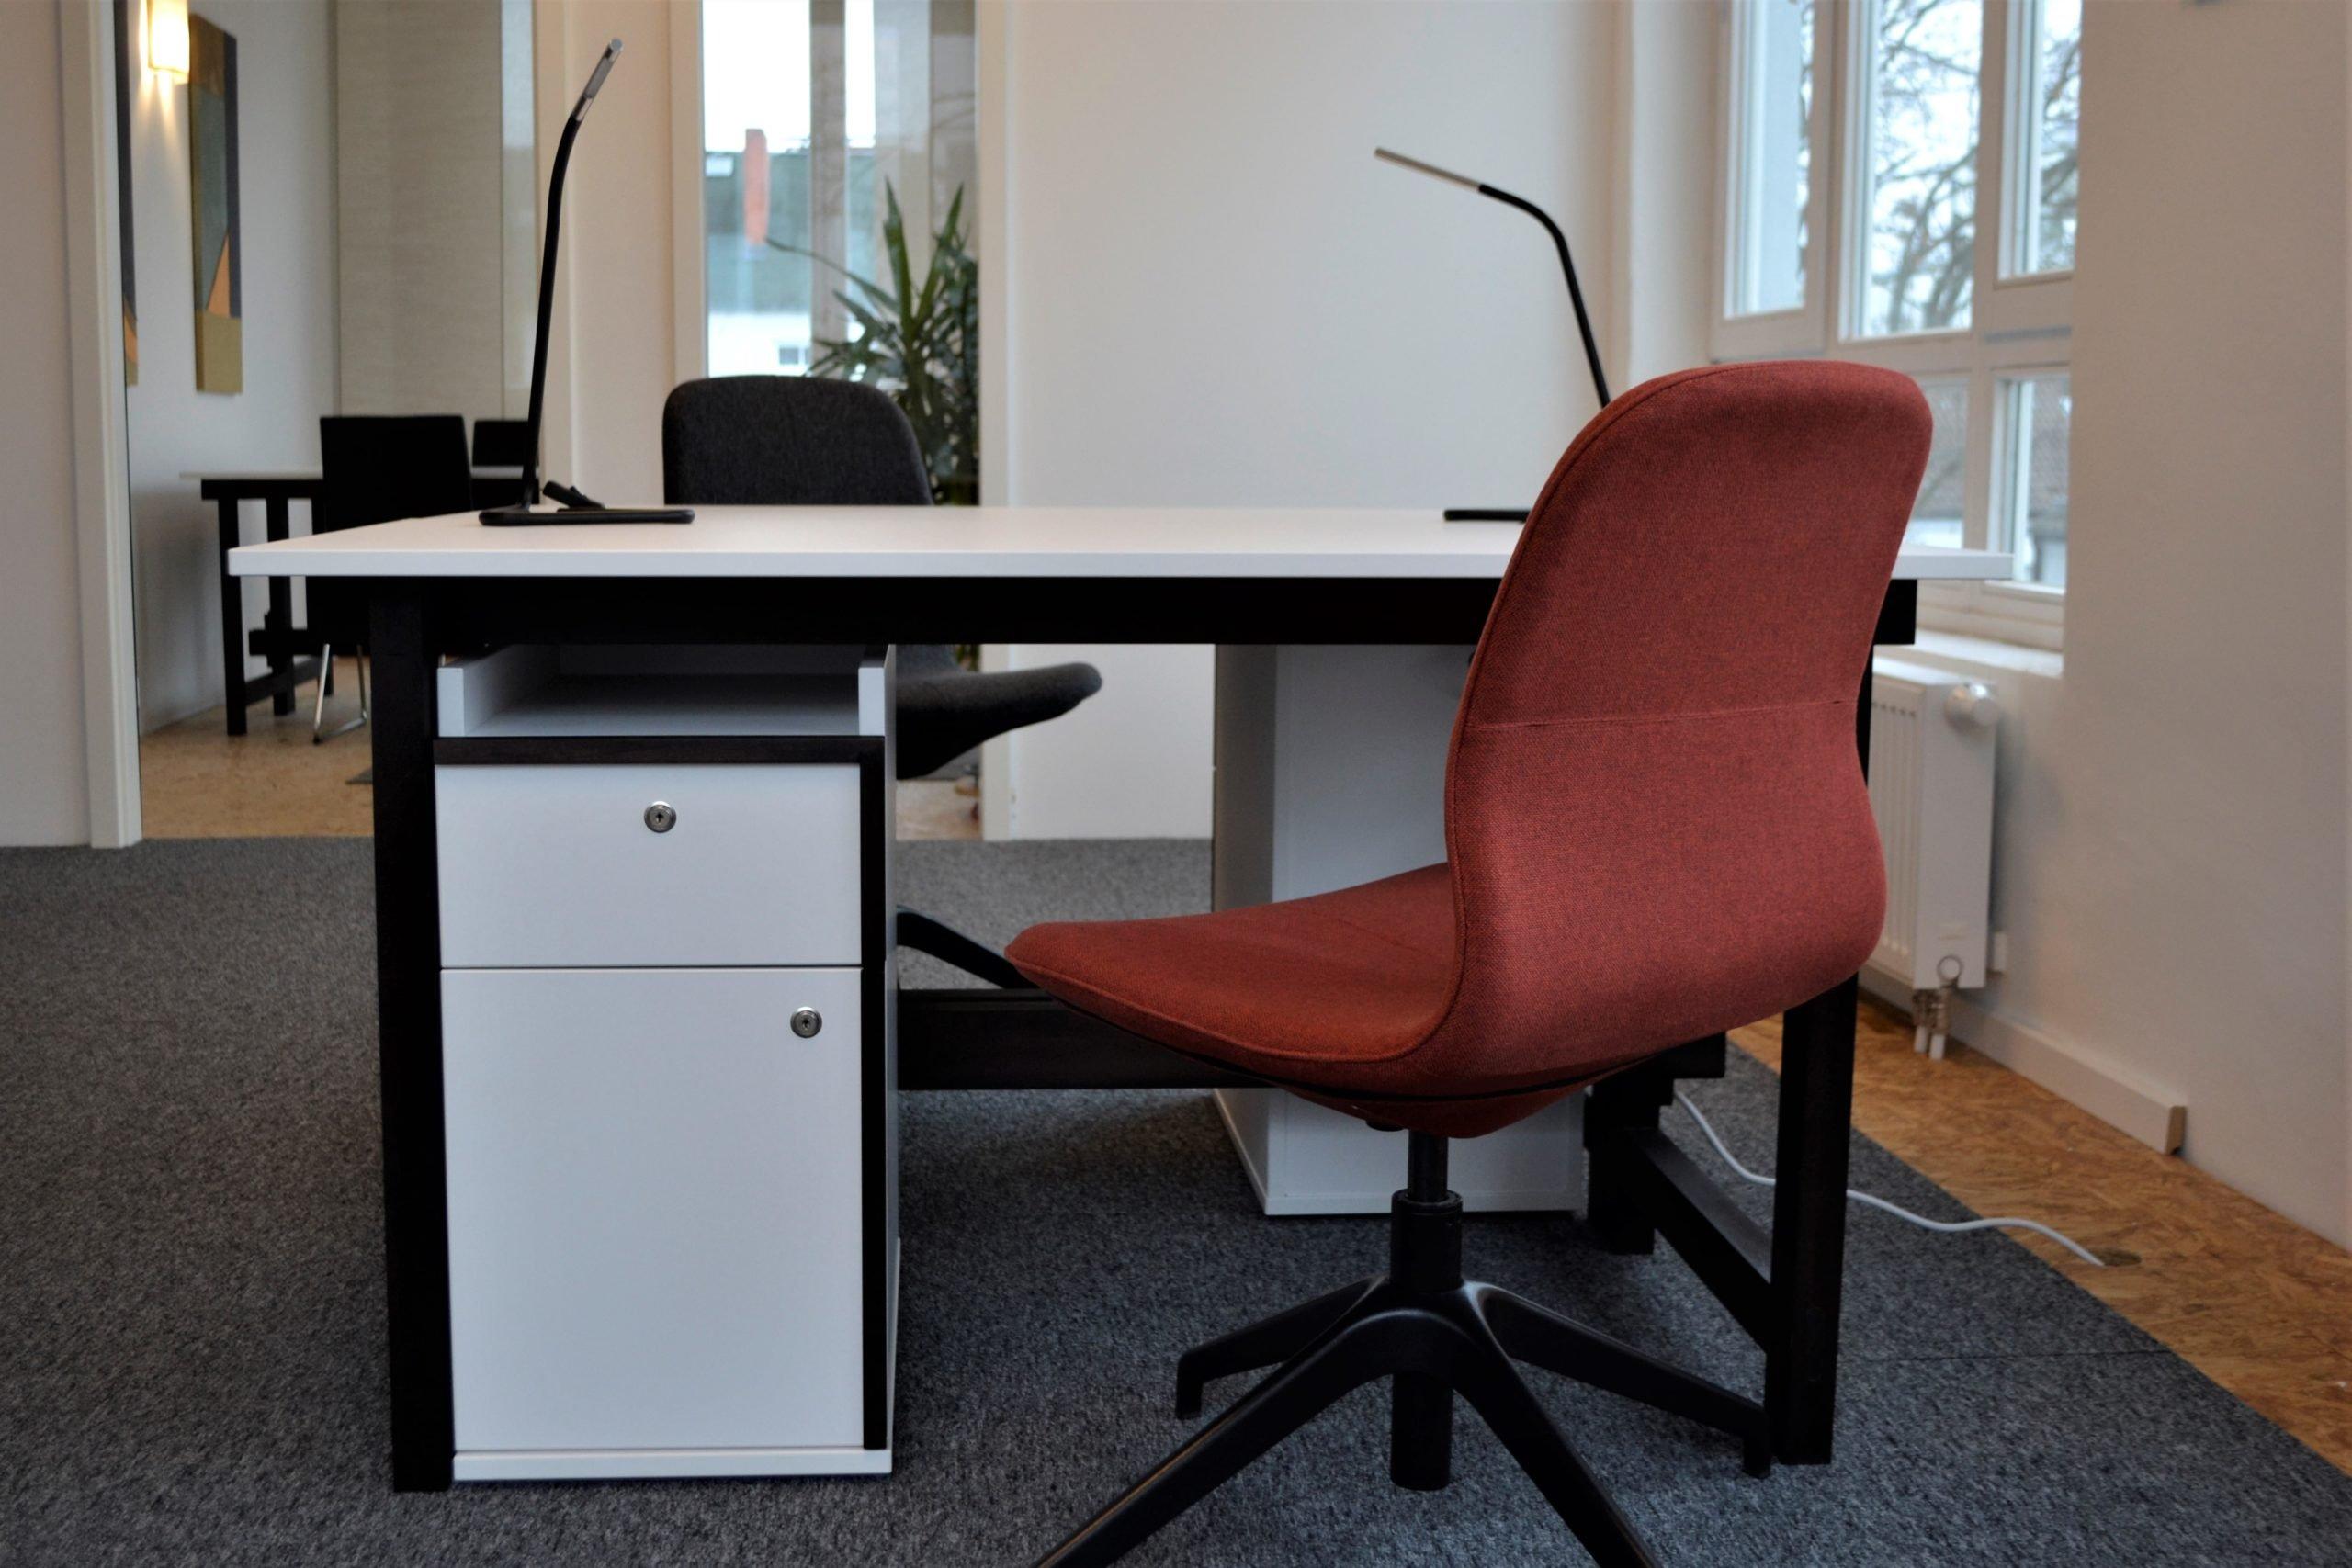 Schreibtisch mit Rollcontainer und Schreibtischstuhl